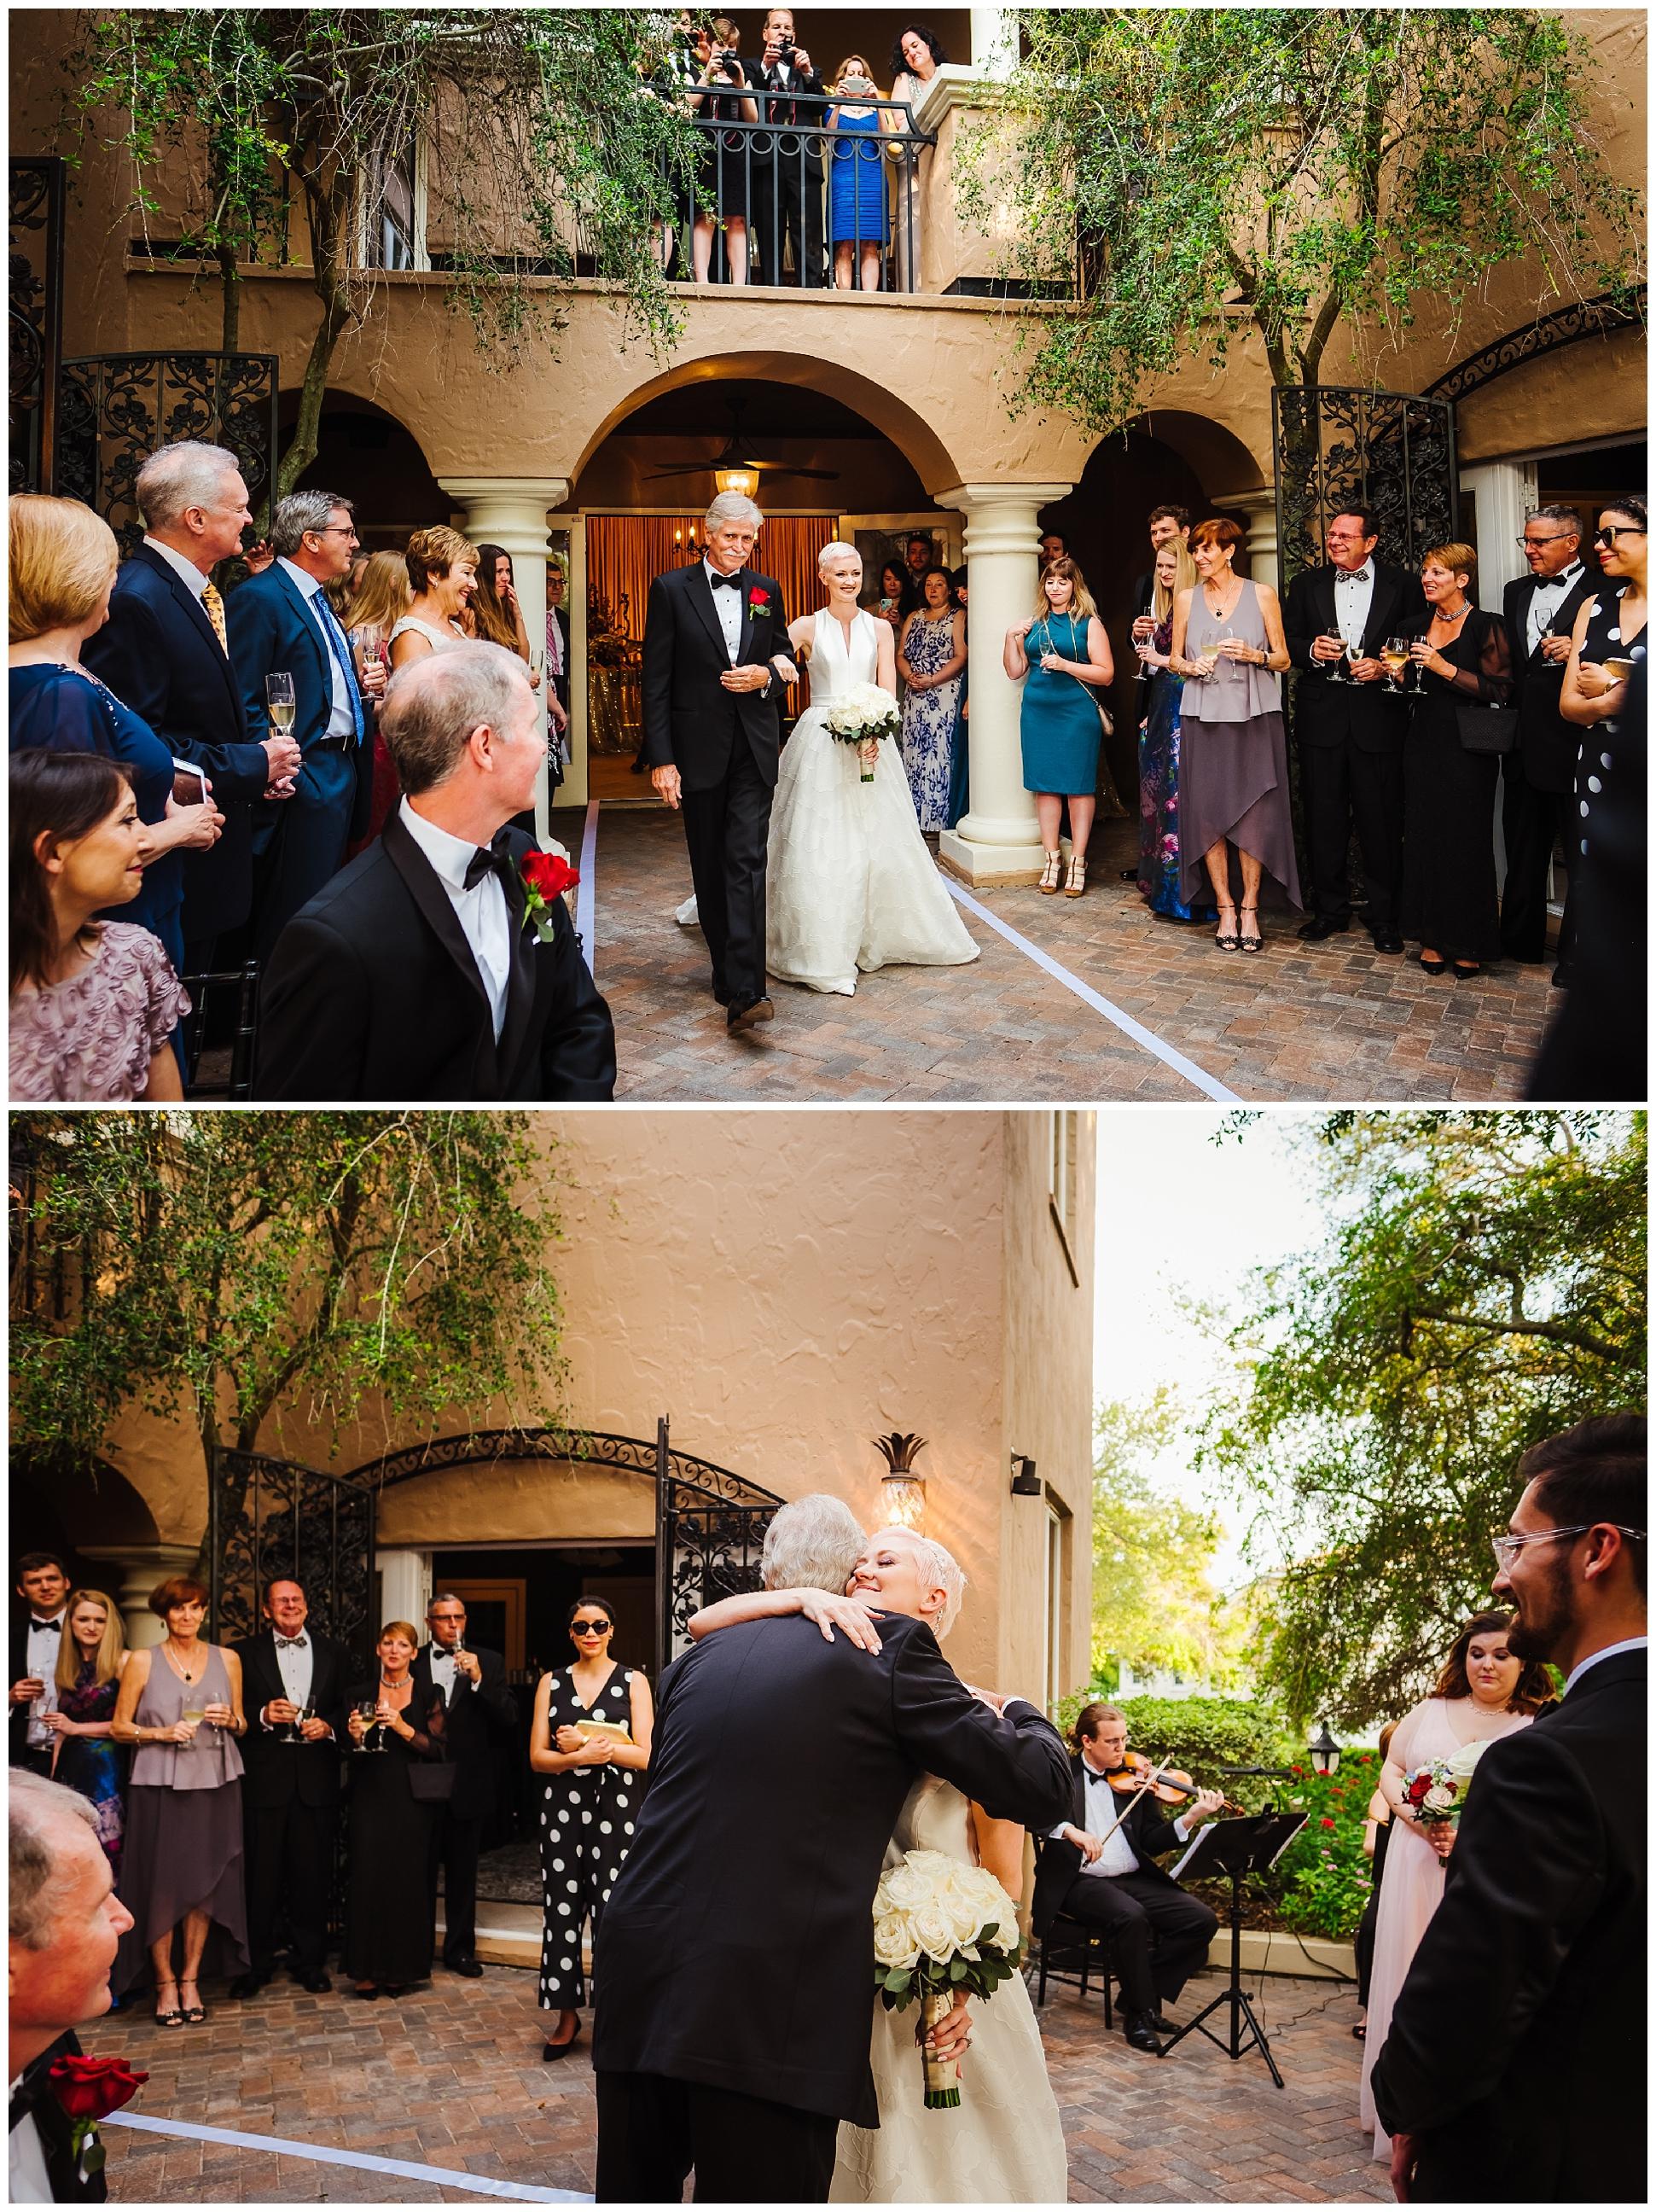 tierra-verde-st-pete-florida-home-luxury-wedding-greenery-pink-pixie-bride_0056.jpg